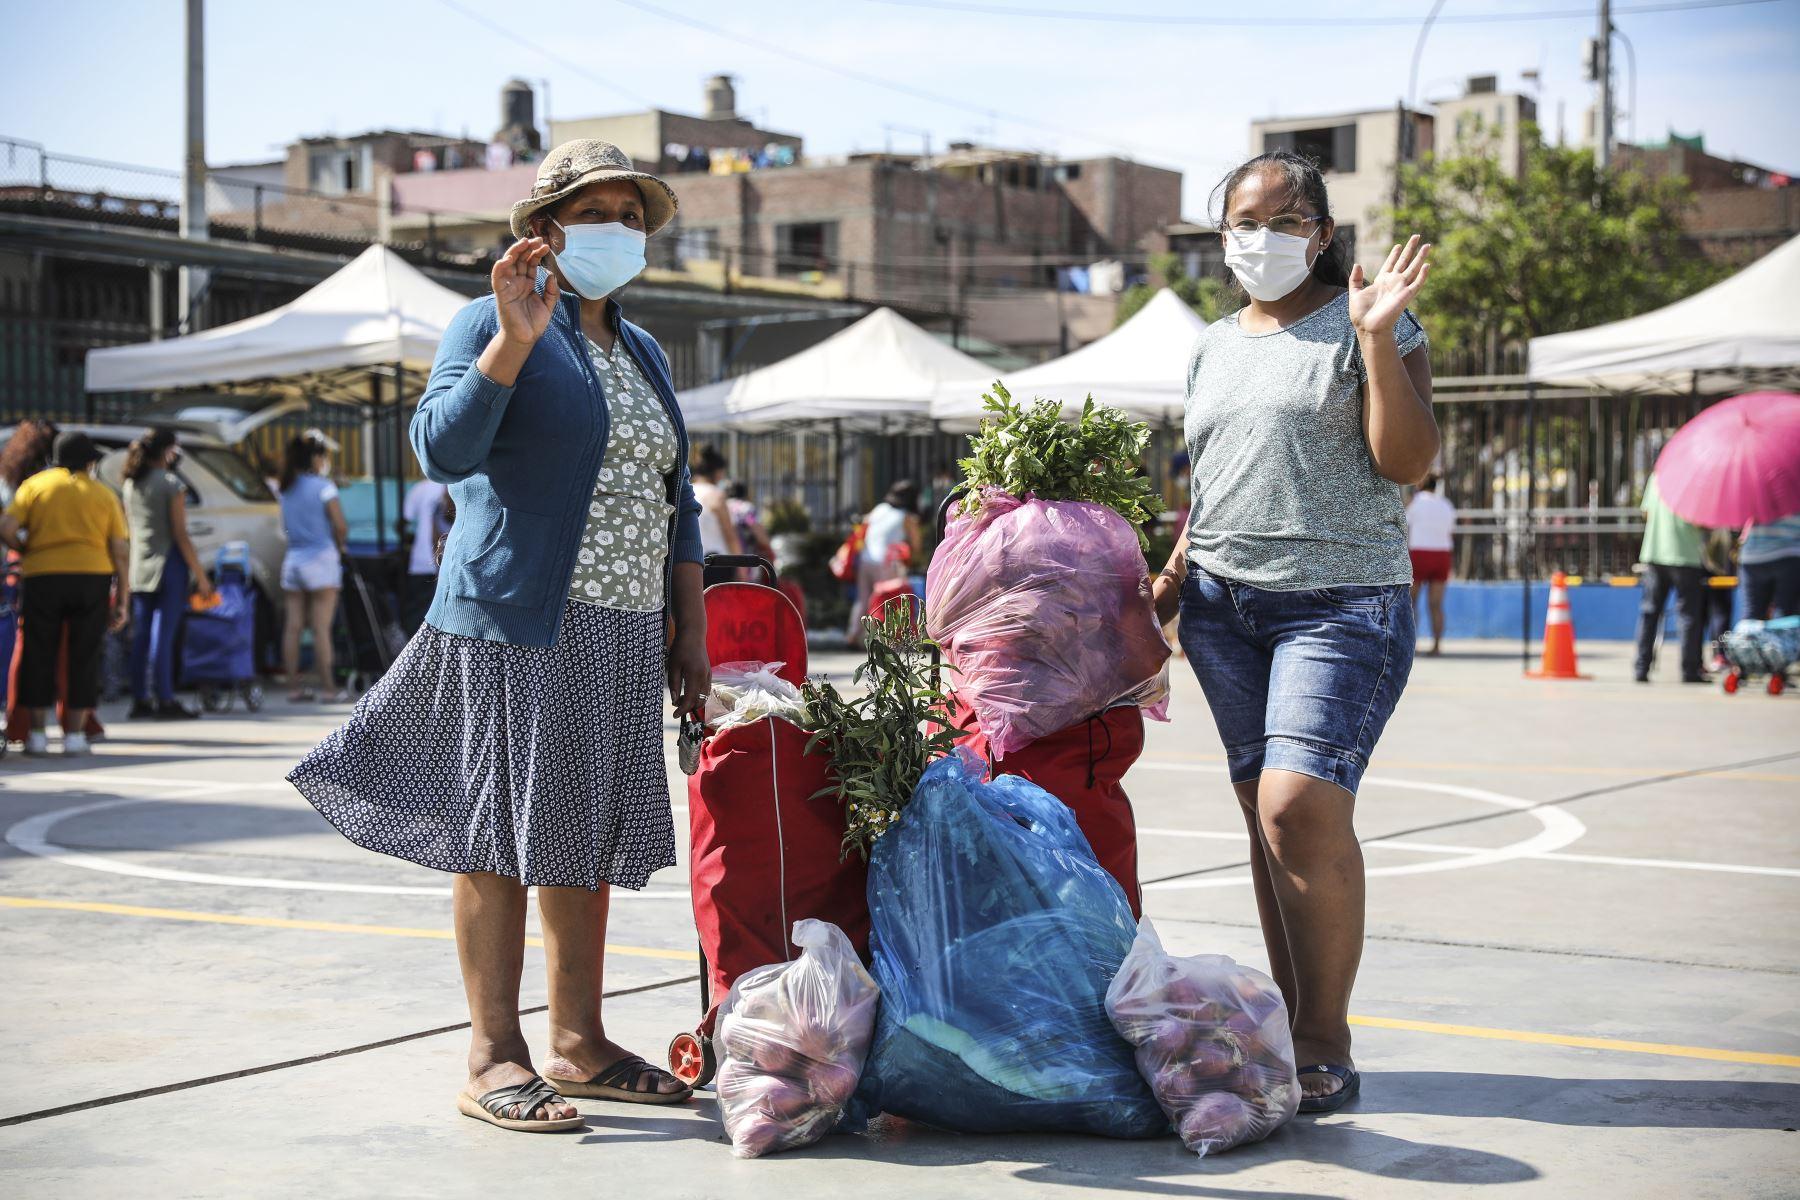 Mercado Mayorista Móvil de la MML llegó al Cercado y ofreció una gran variedad de alimentos. Foto: ANDINA/Municipalidad de Lima